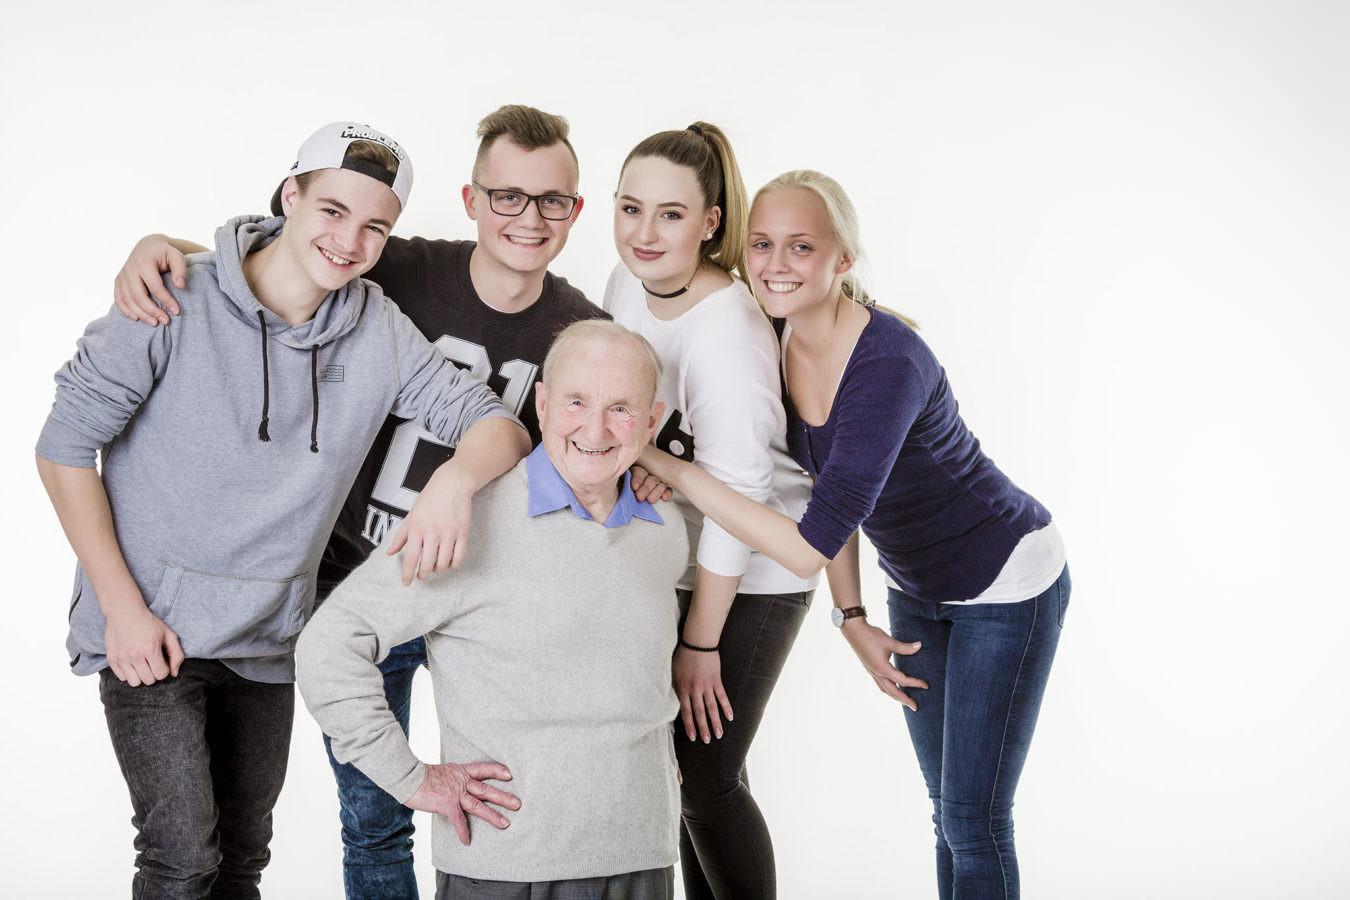 Generationenfoto mit Opa und vier Enkeln im Studio aufgenommen